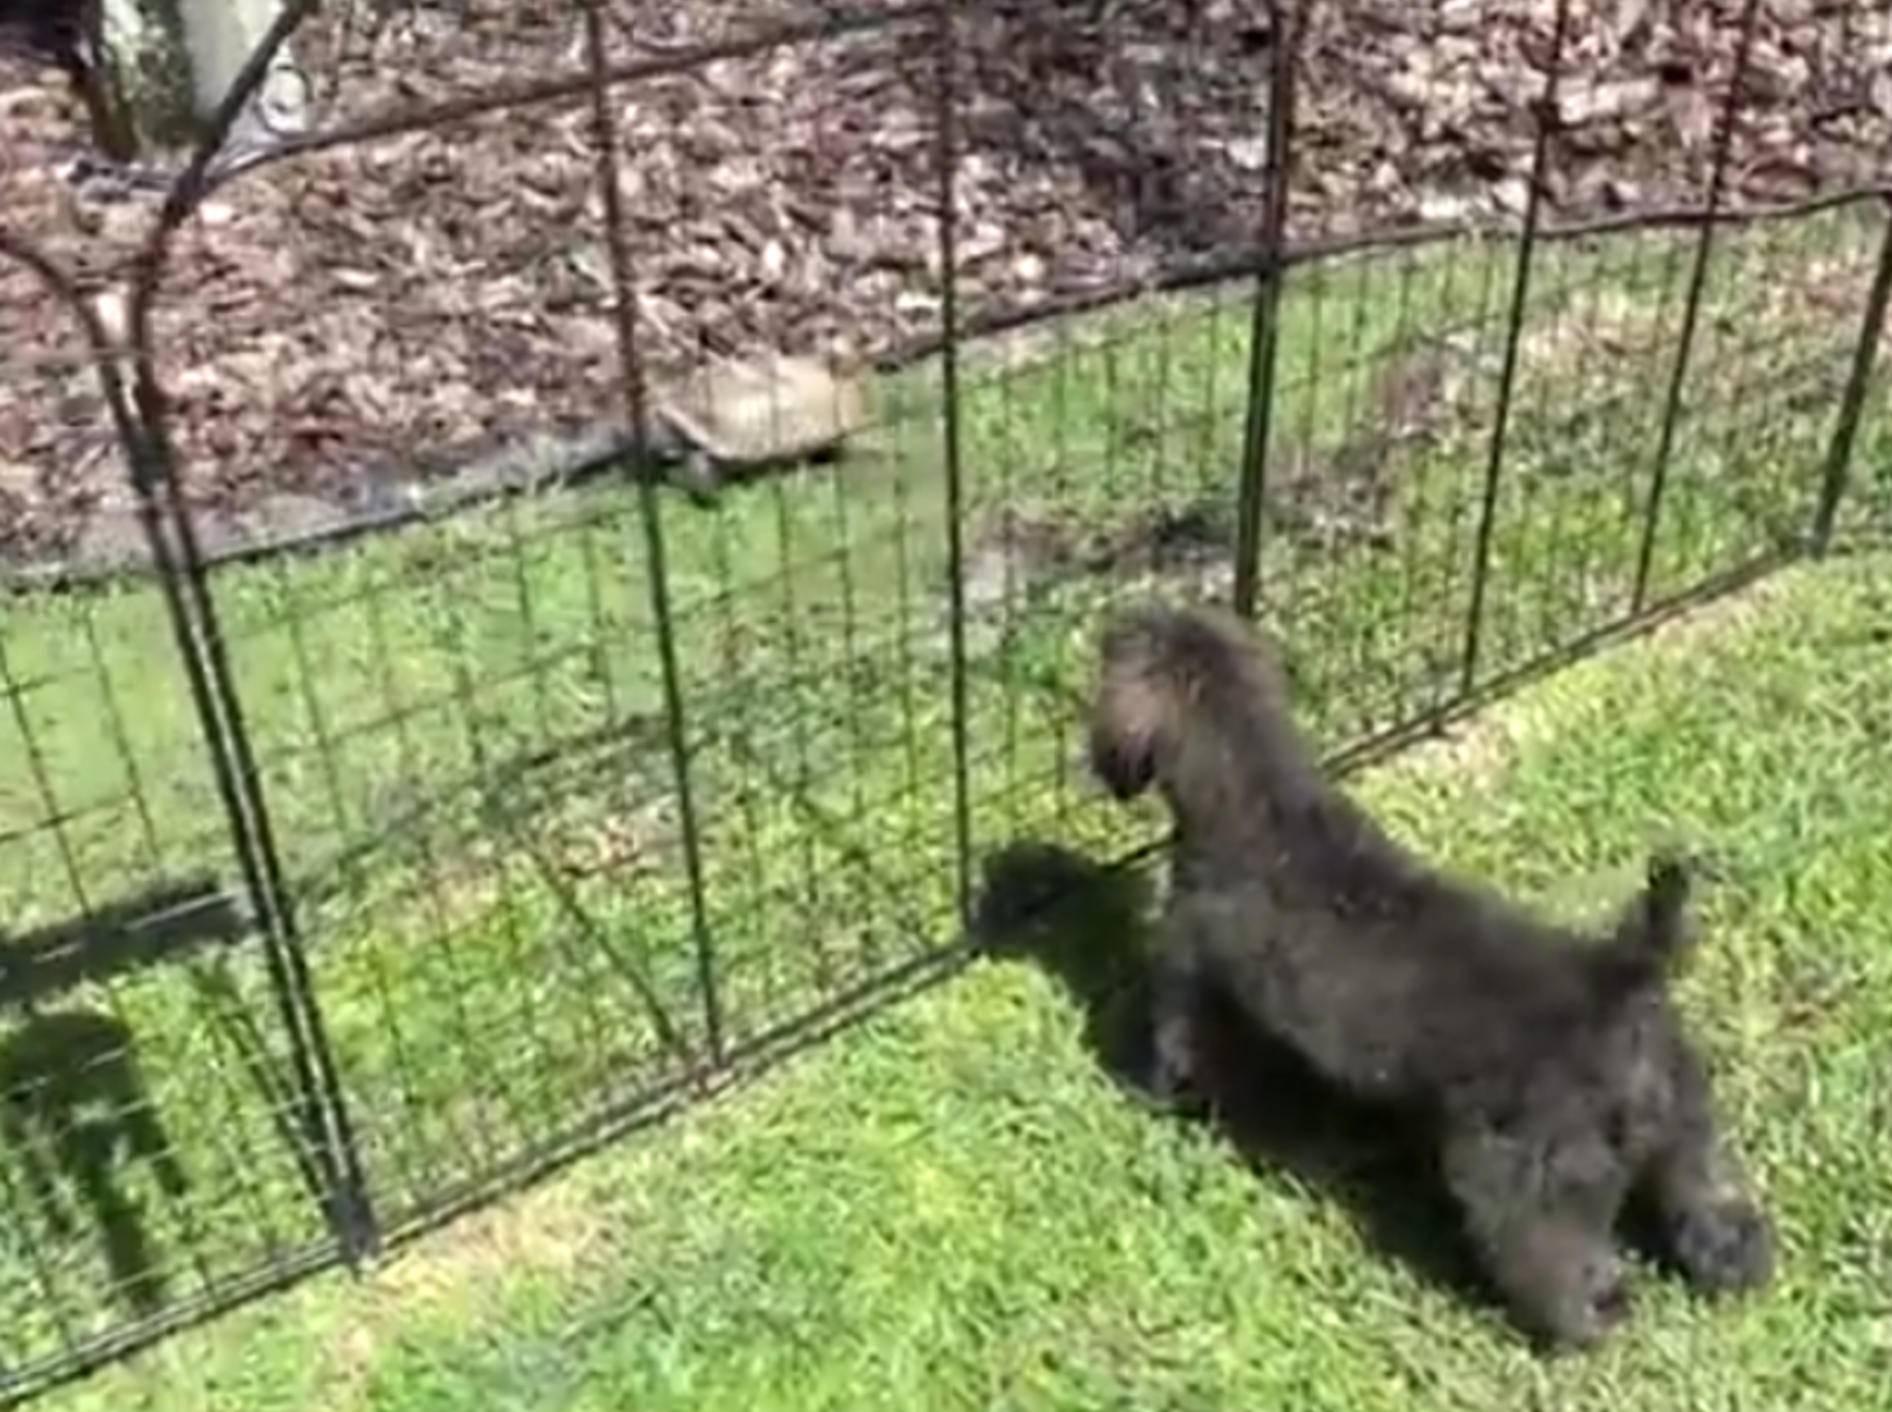 """Hund bellt Schildkröte an: """"Das ist mein Revier!"""" – Bild: YouTube / Nerd Plays"""